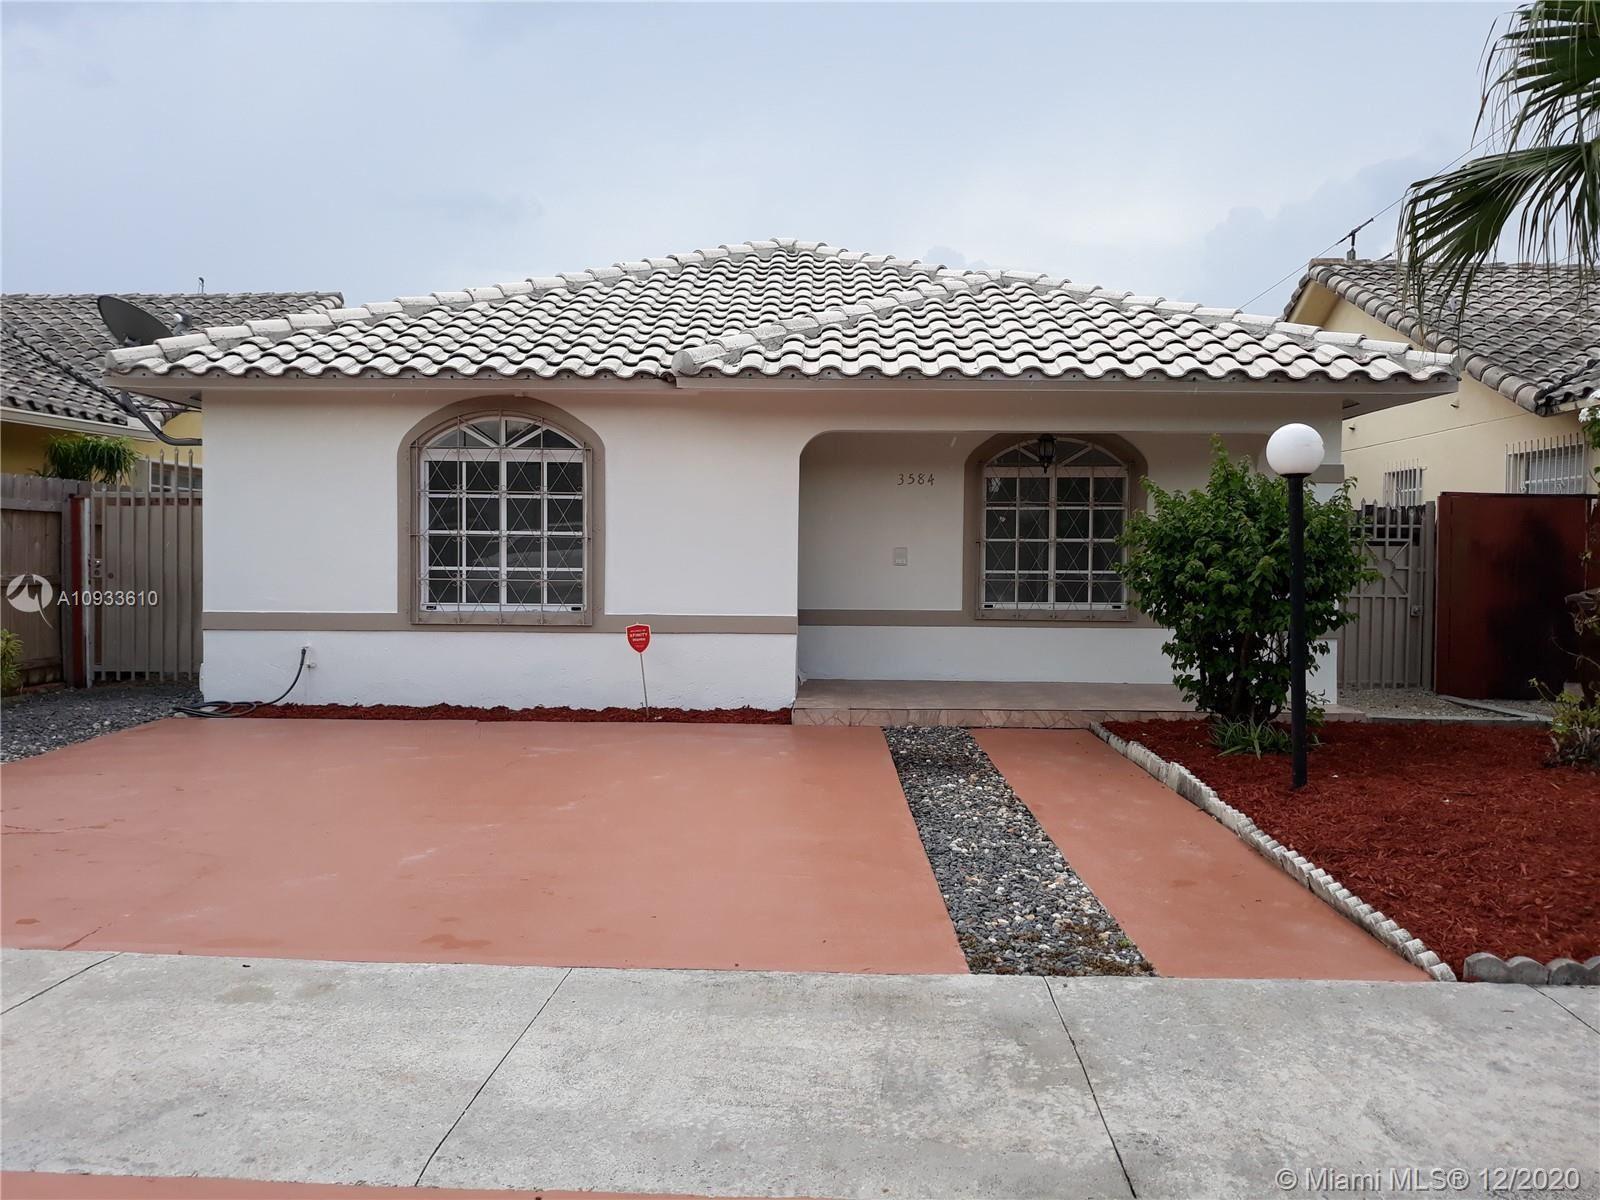 3584 W 74th Pl, Hialeah Gardens, FL 33018 - #: A10933610